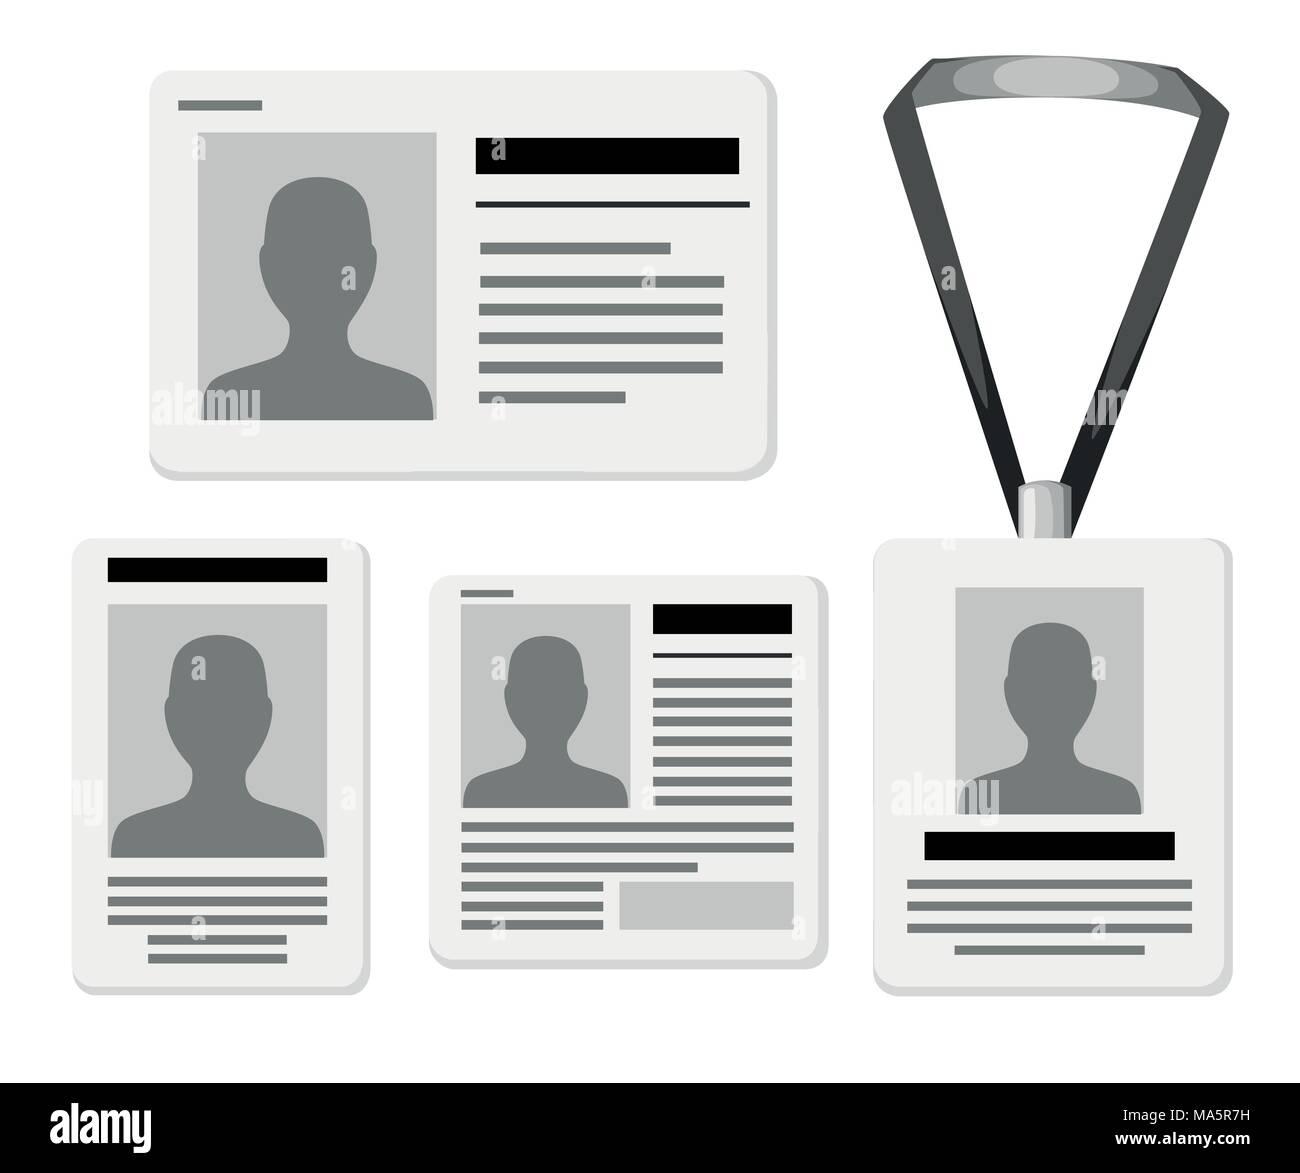 Nett Namensschild Design Vorlage Fotos Beispiel Wiederaufnahme